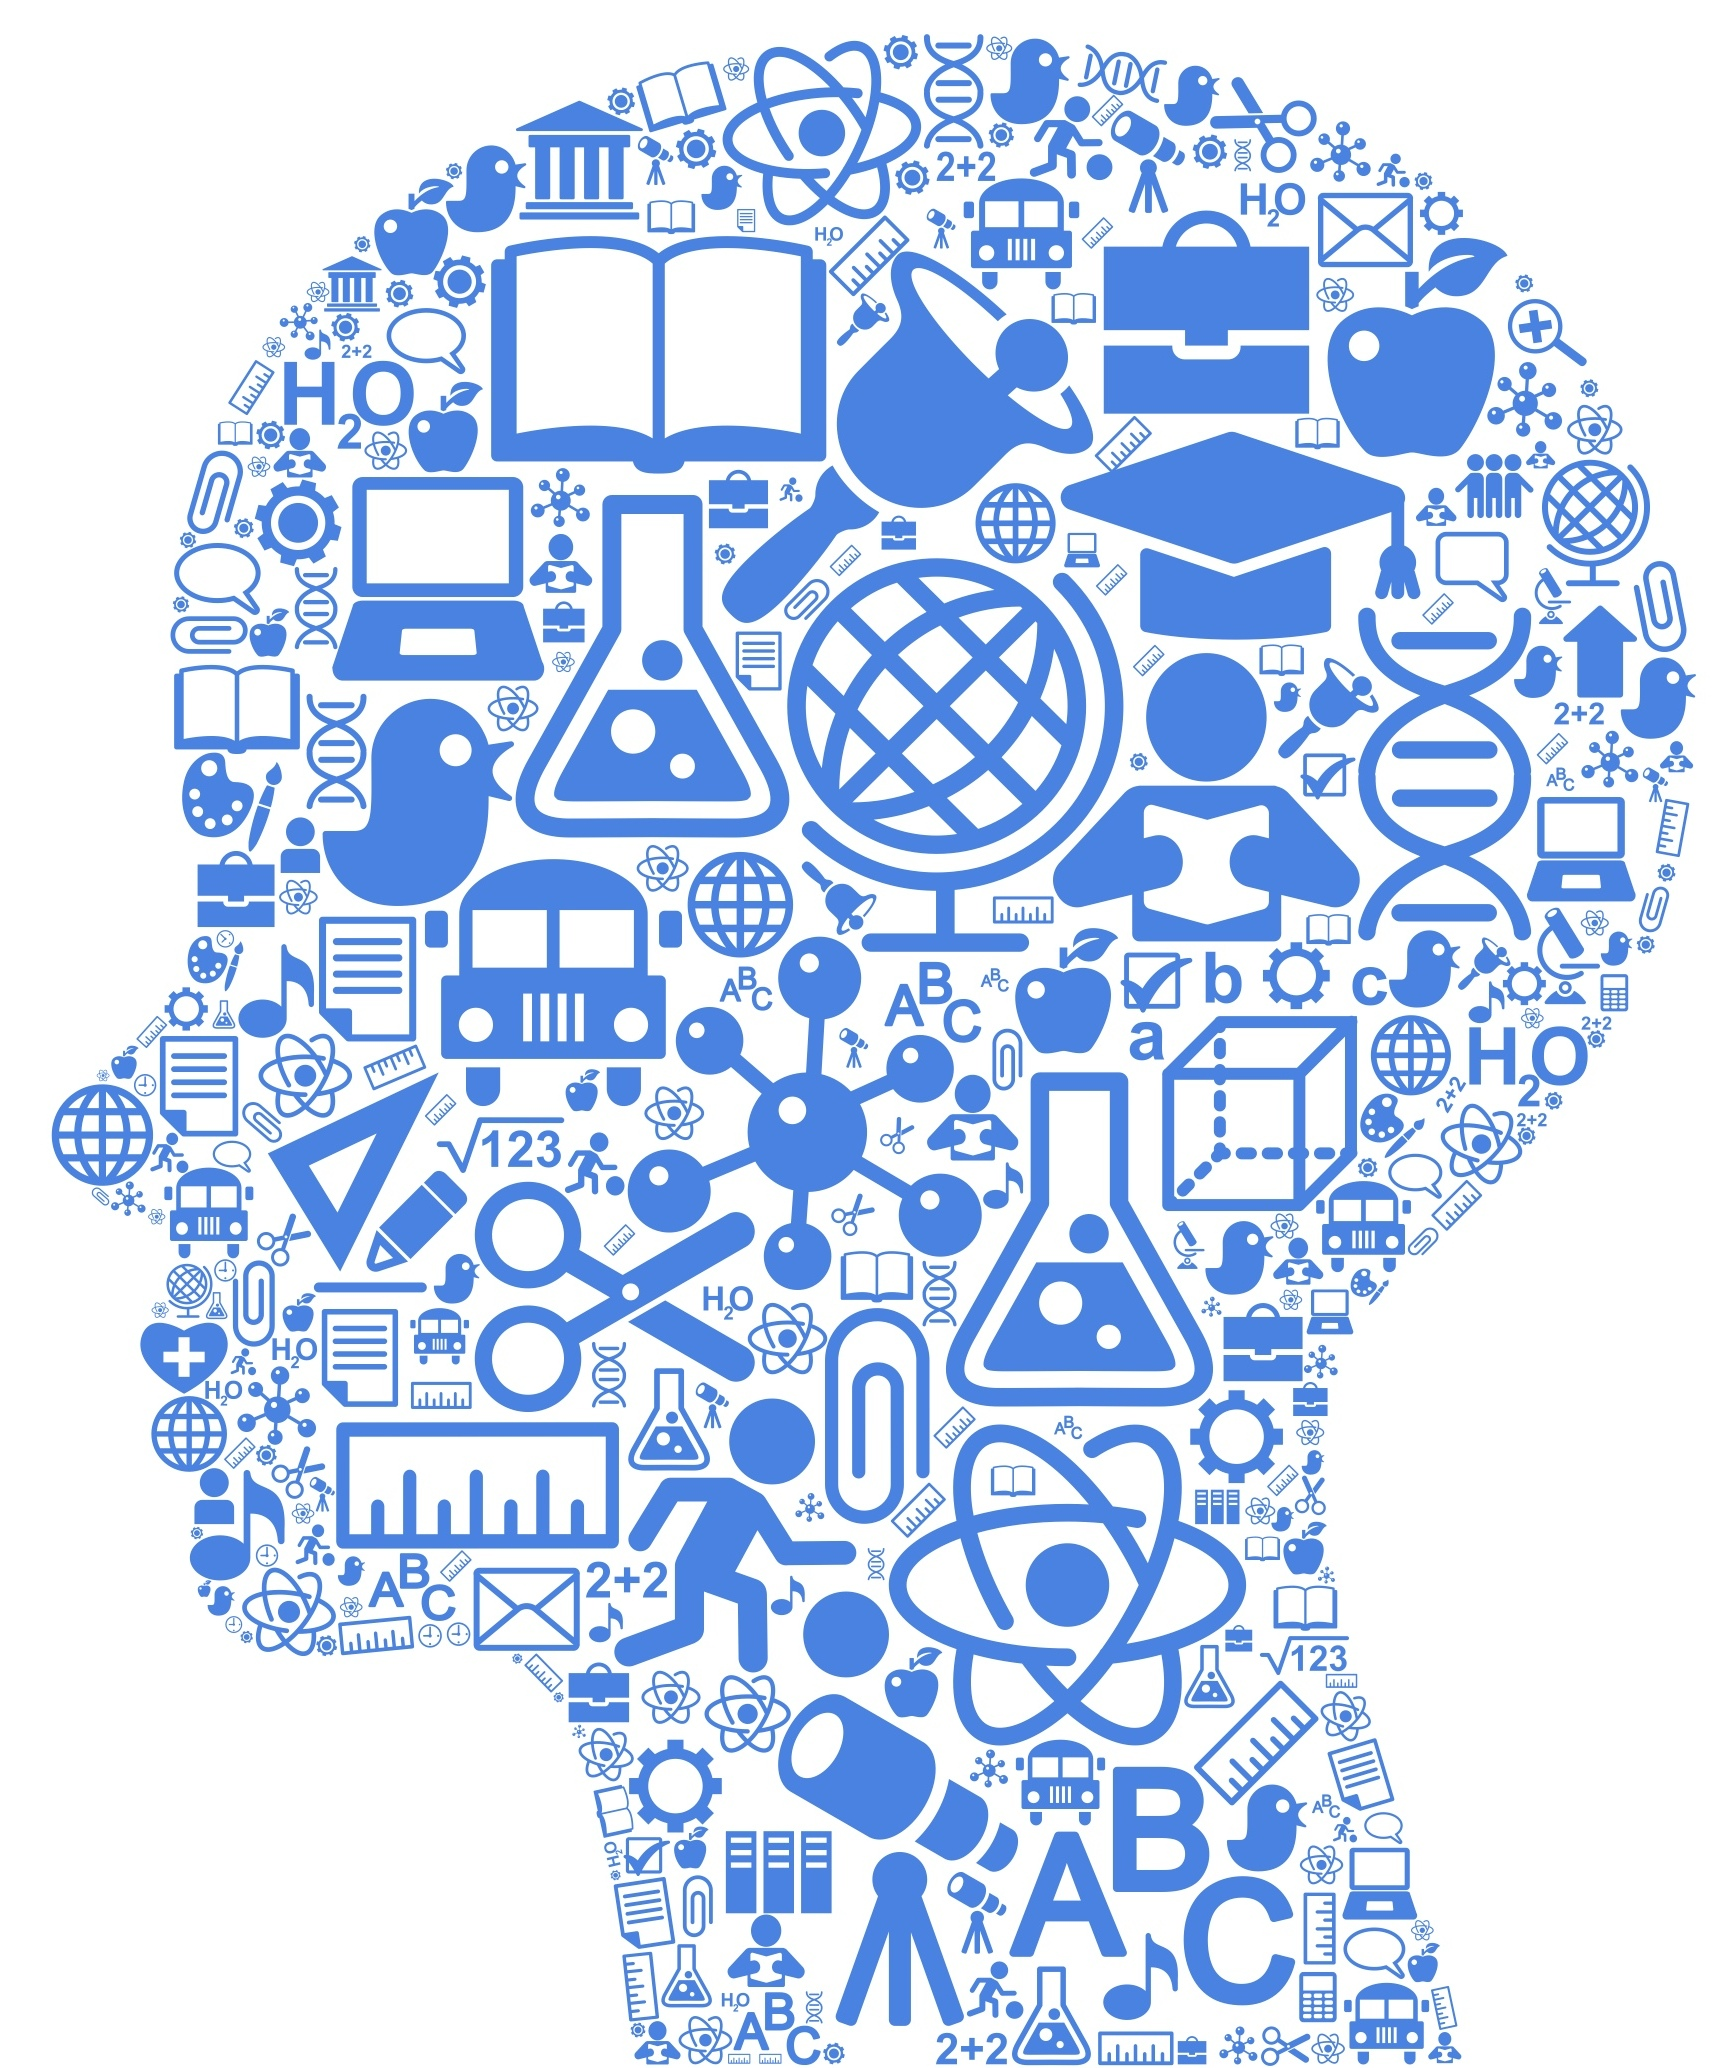 educationhead